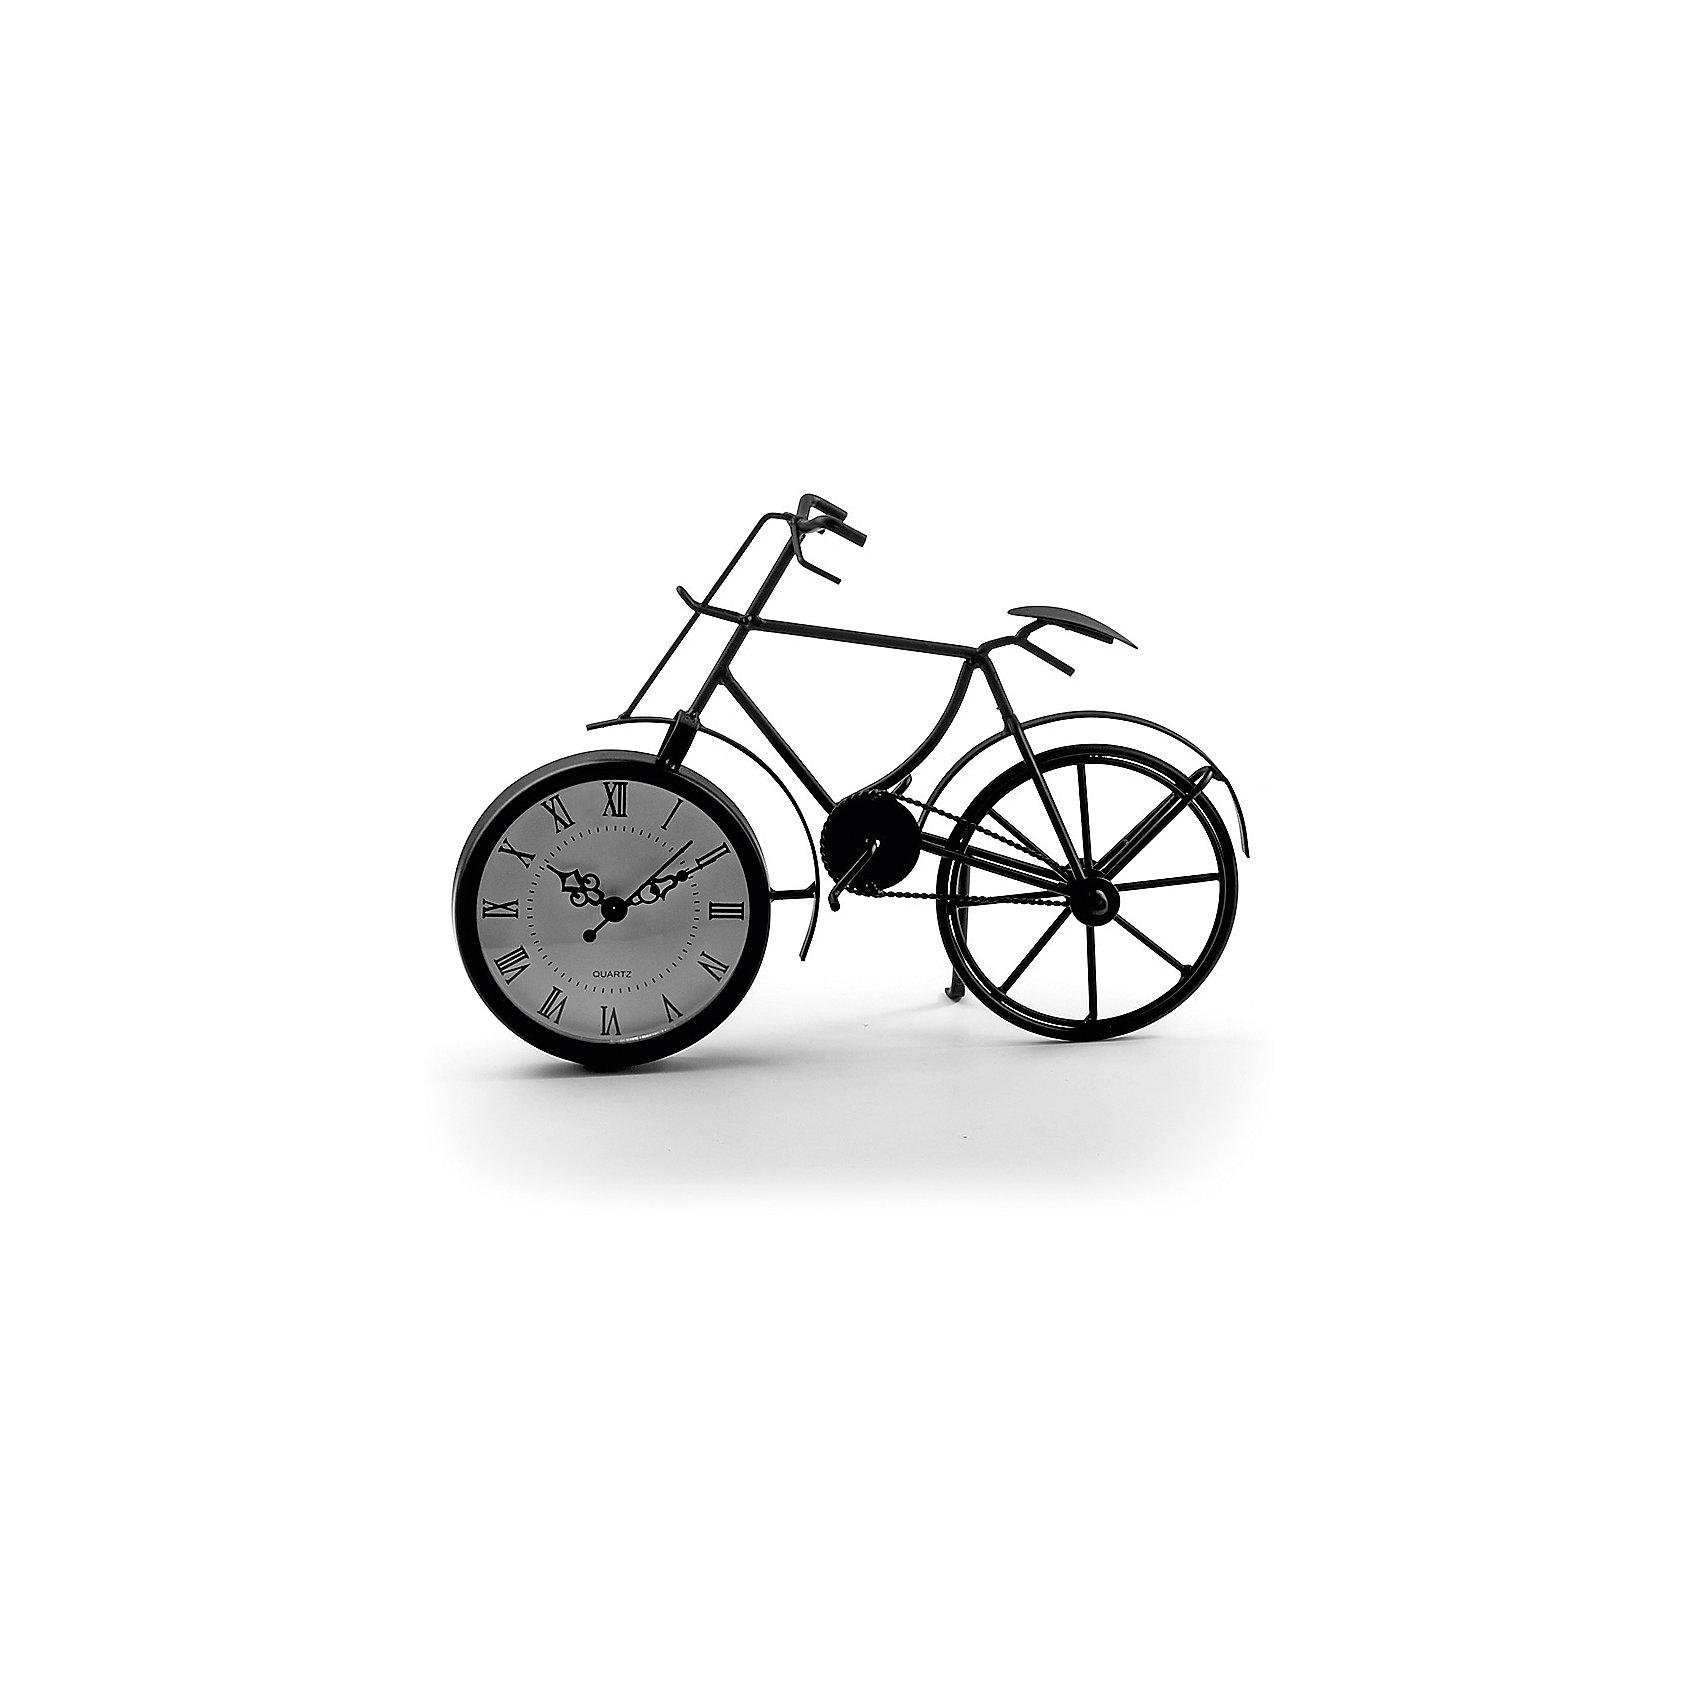 Часы Miralight настольные Велосипед чёрный, Яркий праздникПредметы интерьера<br>Часы Miralight настольные Велосипед чёрный, Яркий праздник<br><br>Характеристики:<br><br>• Состав: металл<br>• Размер: 29 * 8,5 * 20,5 см.<br>• Элементы питания: батарейки<br>• Страна производитель: Китай<br><br>Изящные часы от компании Miralight (Миралайт), которая специализируется на продукции для интерьеров привнесут уют в ваш дом. Настольные часы станут стильным украшением комнаты и помогут всегда быть вовремя. Лаконичный чёрный цвет отлично подойдет как для спальни, так и для кухни или гостиной. <br><br>Элегантные римские цифры и три ажурные стрелочки отлично подходят этим часам. Небольшие металлические части велосипеда соединяются между собой и надежно фиксируют циферблат, представляющий собой ведущее колесо, сам велосипед стоит на подножке, как у настоящего велосипеда. Привнесите в свой дом атмосферу комфорта и яркого праздника вместе с новыми часами!<br><br>Часы Miralight настольные Велосипед чёрный, Яркий праздник можно купить в нашем интернет-магазине.<br><br>Ширина мм: 290<br>Глубина мм: 85<br>Высота мм: 205<br>Вес г: 306<br>Возраст от месяцев: 36<br>Возраст до месяцев: 2147483647<br>Пол: Унисекс<br>Возраст: Детский<br>SKU: 5453959